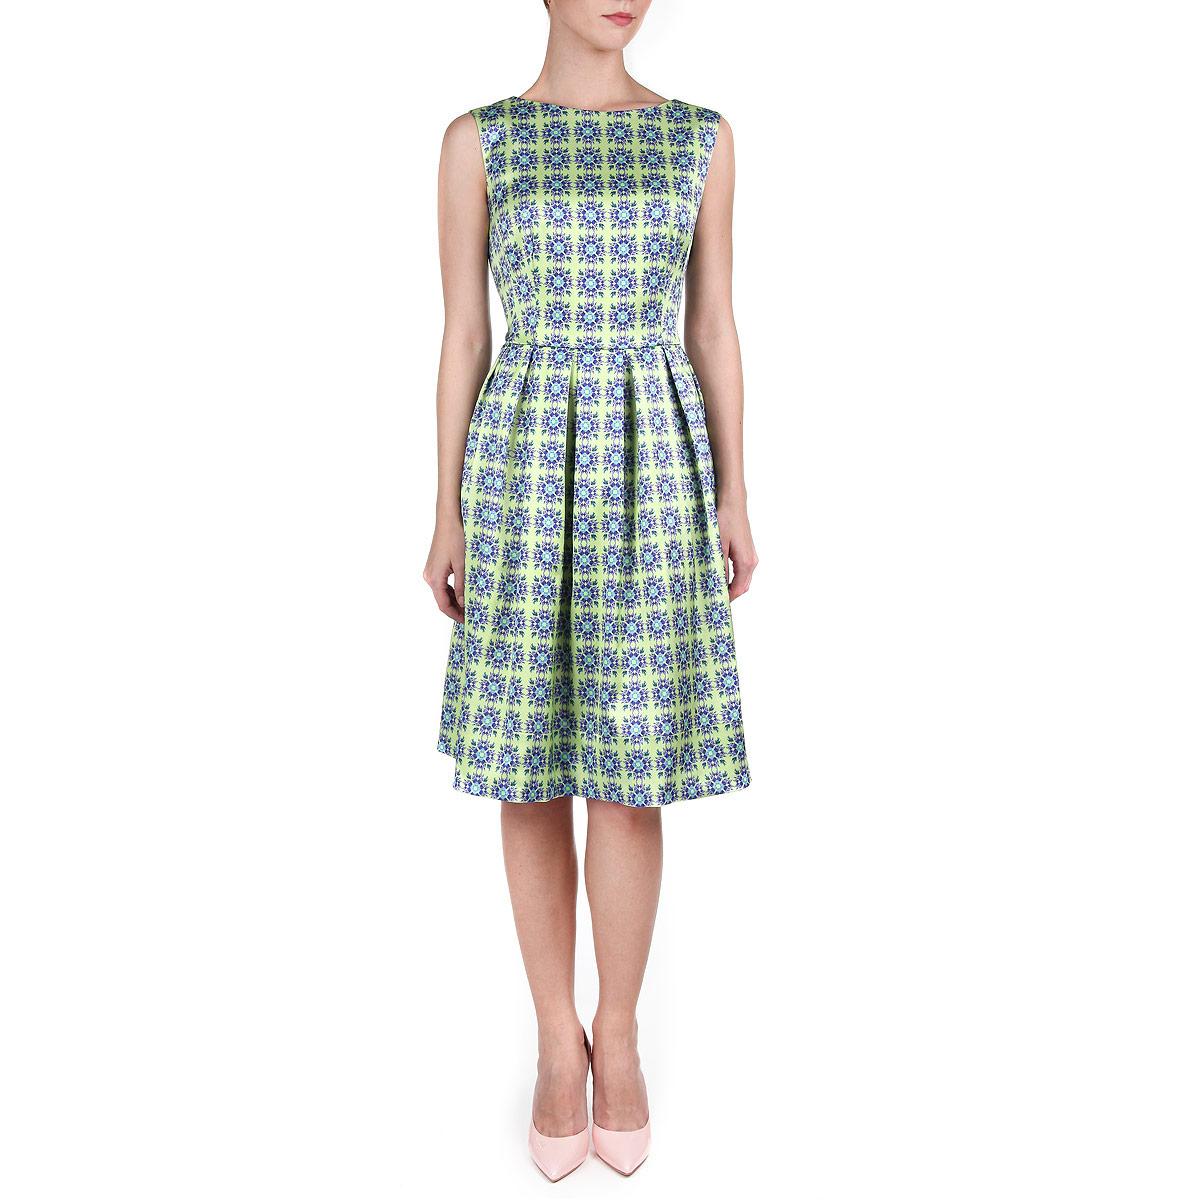 ПлатьеP01A4-4Элегантное платье Анна Чапман подарит вам удобство и поможет вам подчеркнуть свой вкус и неповторимый стиль. Изготовленное из плотной шелковистой ткани, оно мягкое на ощупь, не раздражает кожу и хорошо вентилируется. Модель с круглым вырезом горловины без рукавов на спинке застегивается на потайную застежку-молнию. По бокам изделие дополнено двумя втачными карманами. Эта модель подчеркивает талию и идеально сидит на груди благодаря выверенным вытачкам. Складки на отрезной юбке дарят образу романтичность. Оформлена модель принтом Гжельская роза. Этот орнамент символизирует девичью красоту, расцвет и праздник. В таком наряде вы, безусловно, привлечете восхищенные взгляды окружающих.